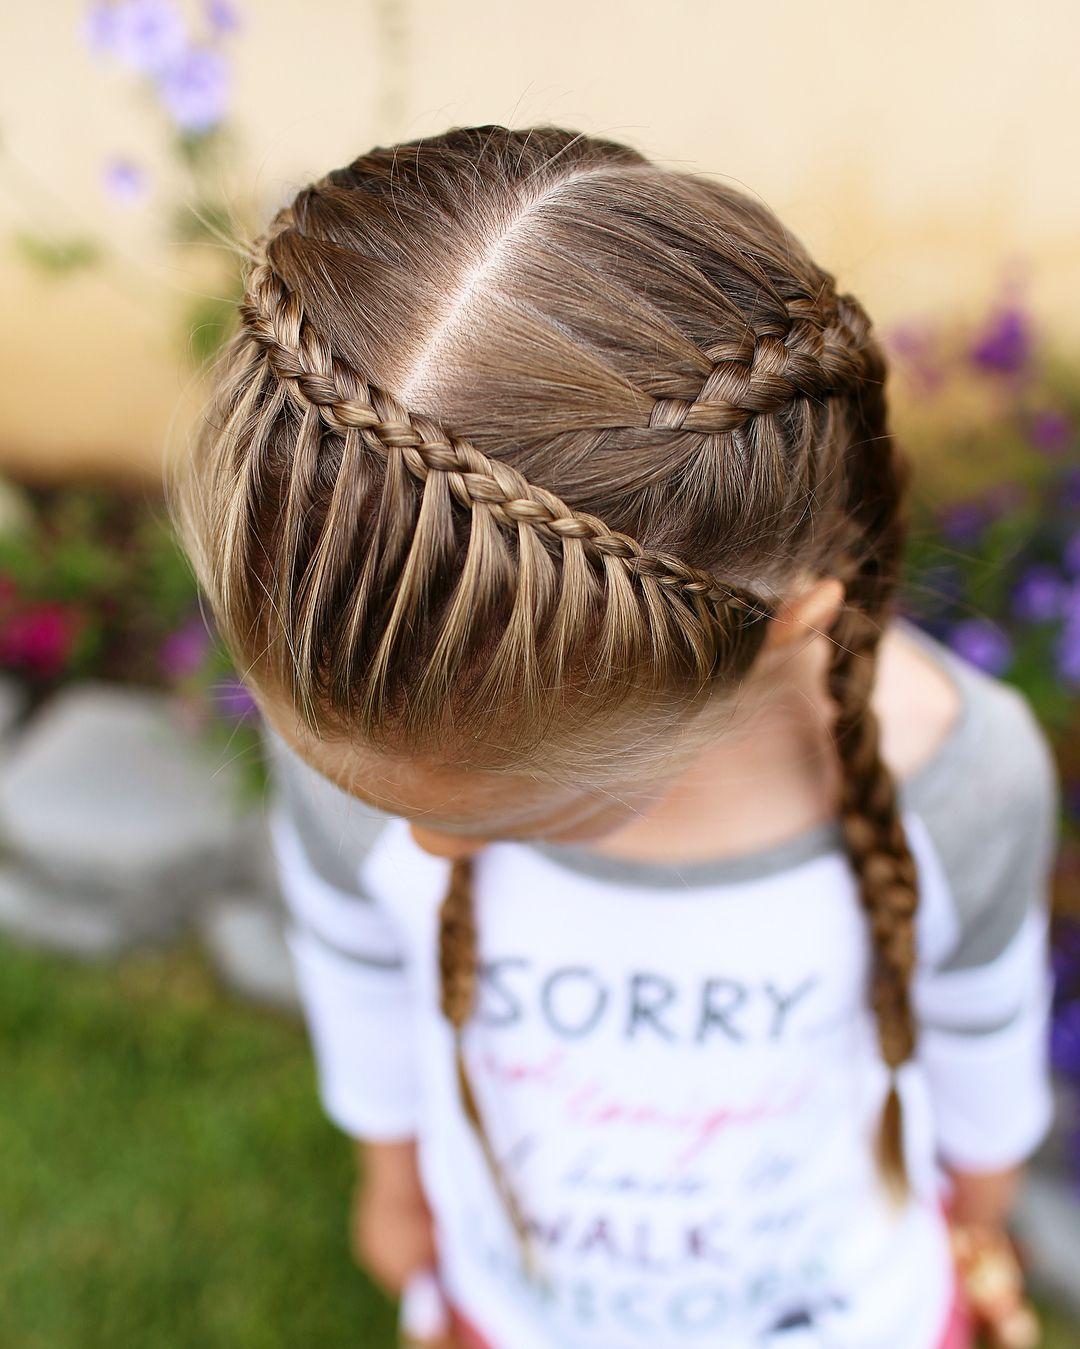 Bild Konnte Enthalten Eine Oder Mehrere Personen Und Im Freien Haare Madchen Kinderfrisuren Geflochtene Frisuren